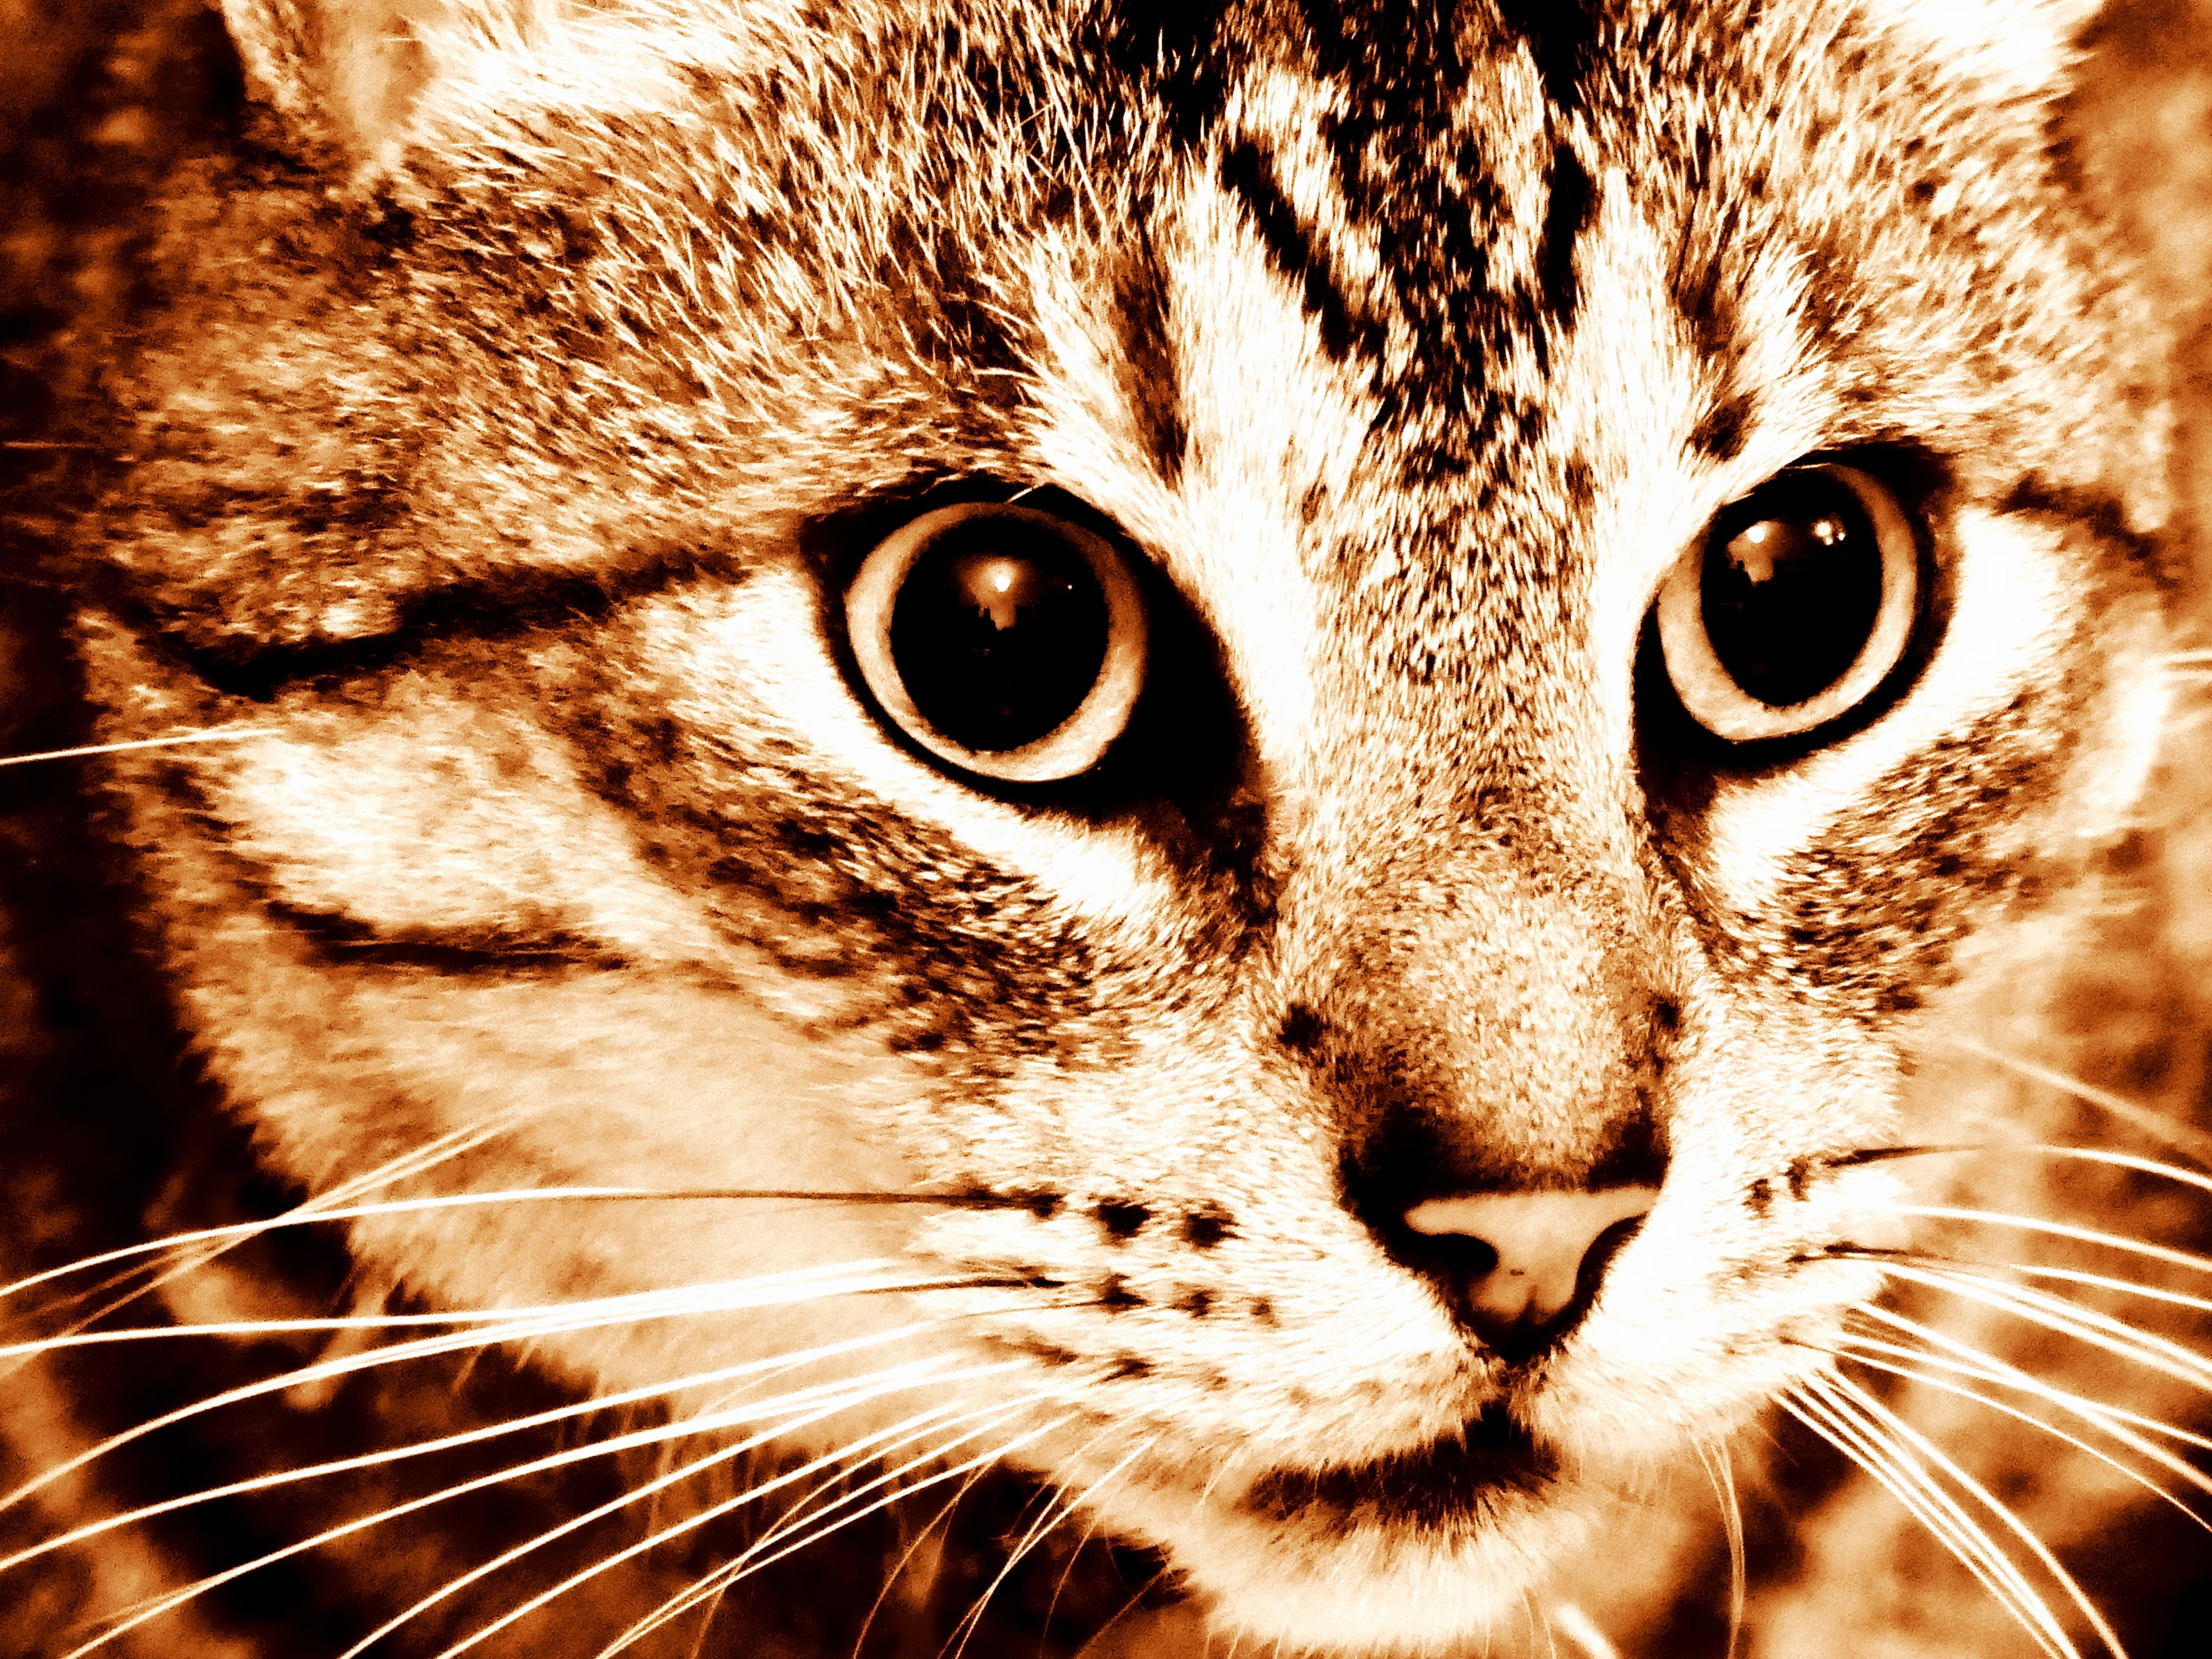 Darmowe Zdjęcia Zwierzę Domowe Kotek Fauna ścieśniać Wąsy